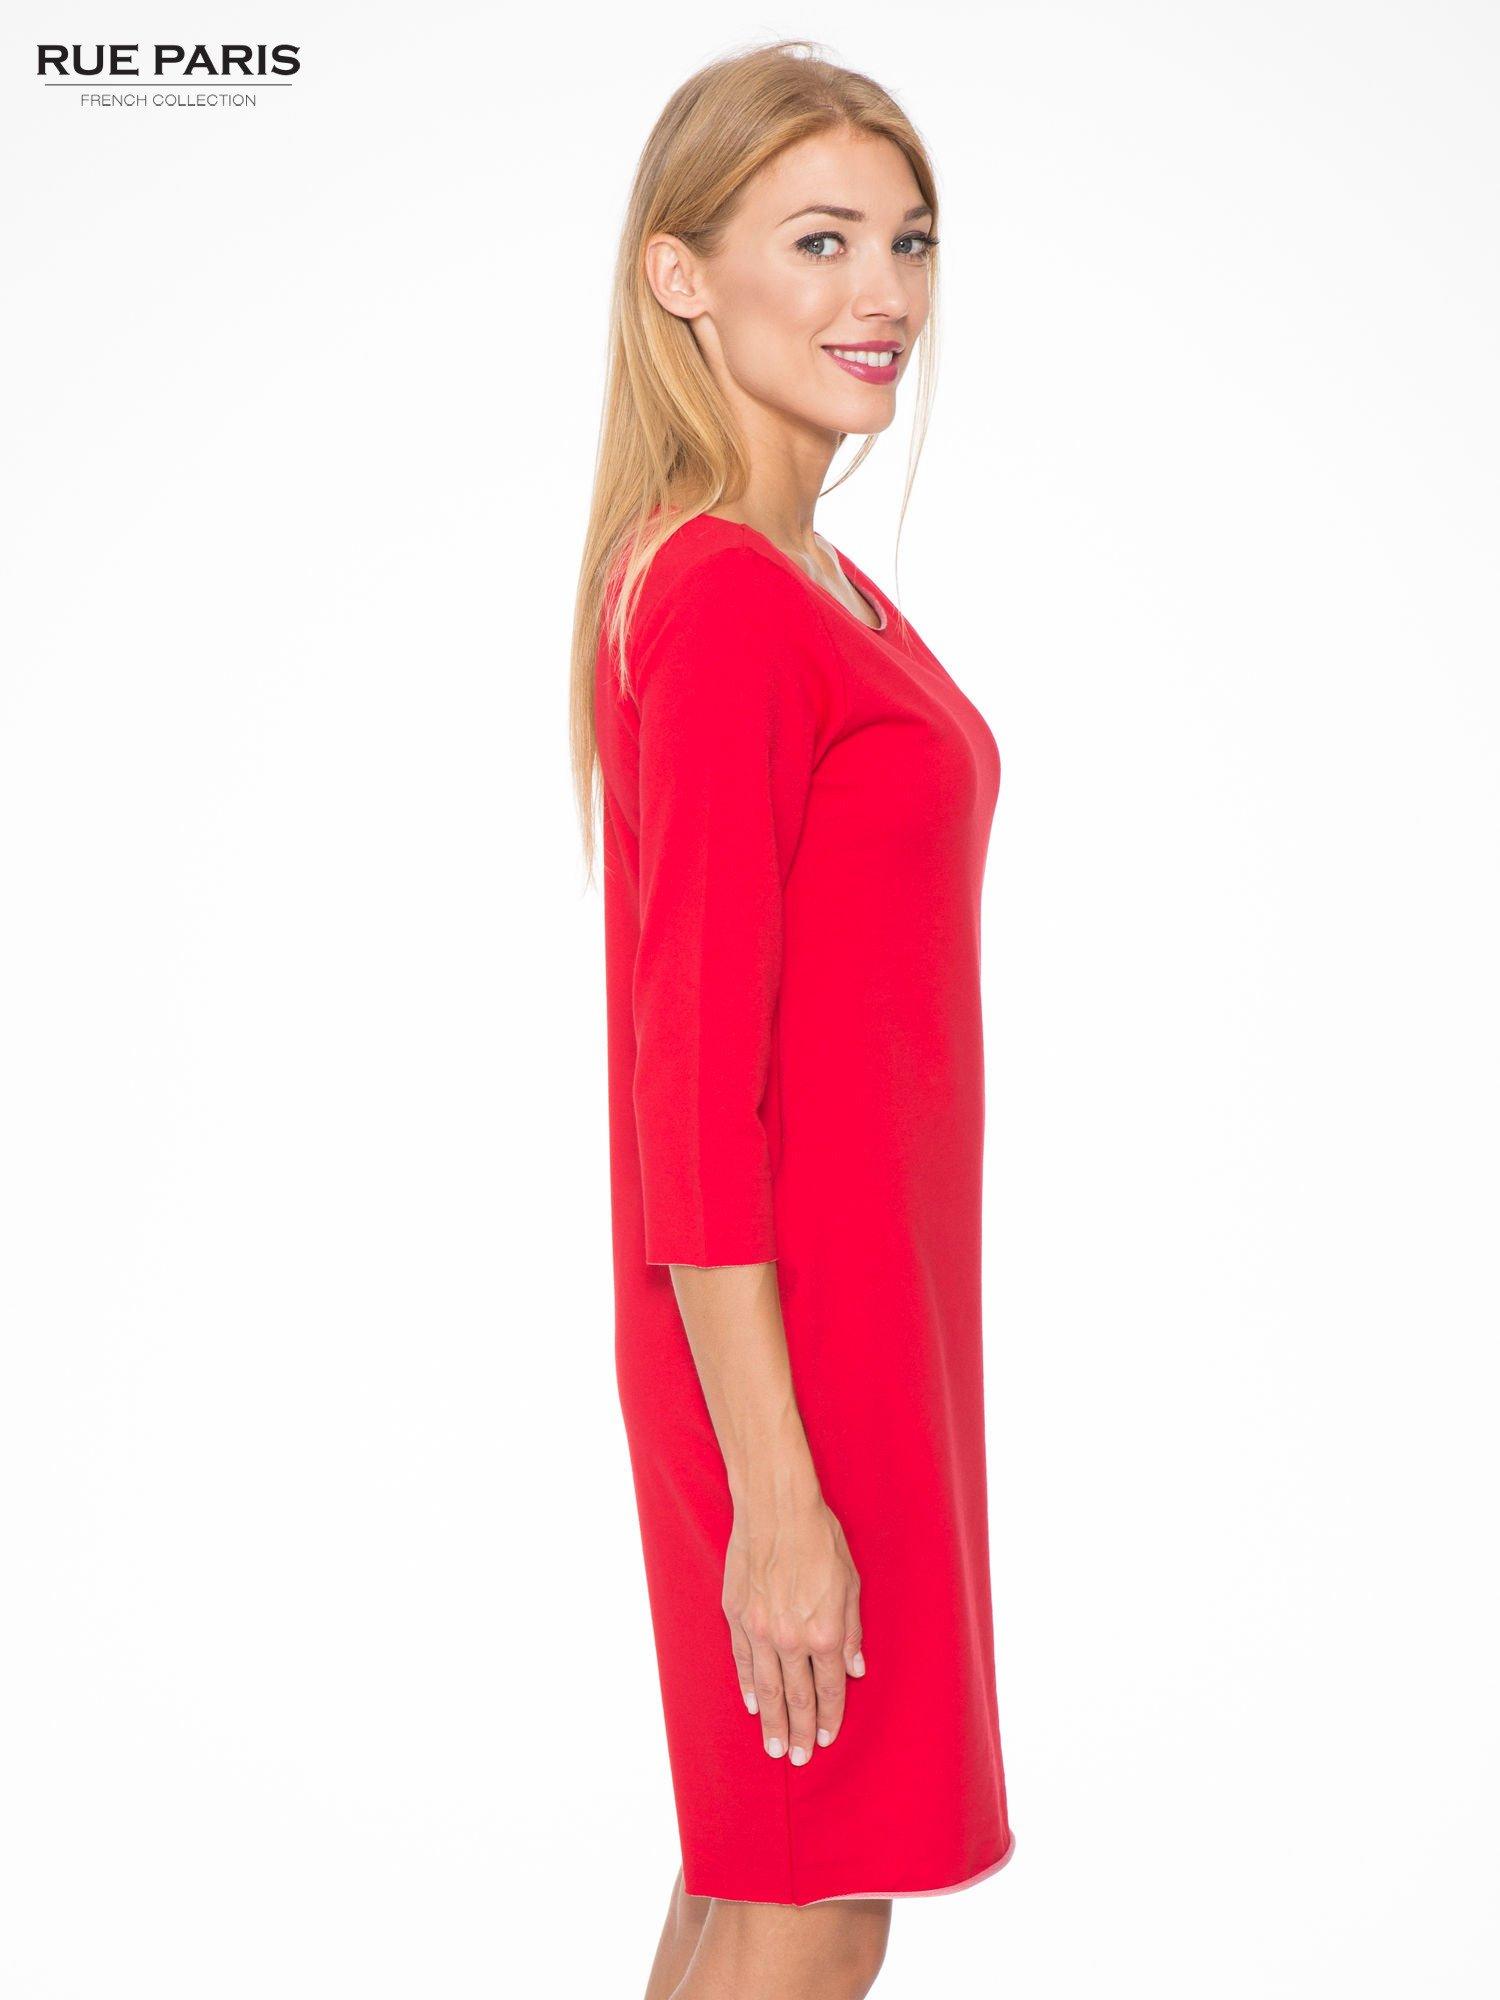 Czerwona prosta sukienka z surowym wykończeniem i kieszeniami                                  zdj.                                  3